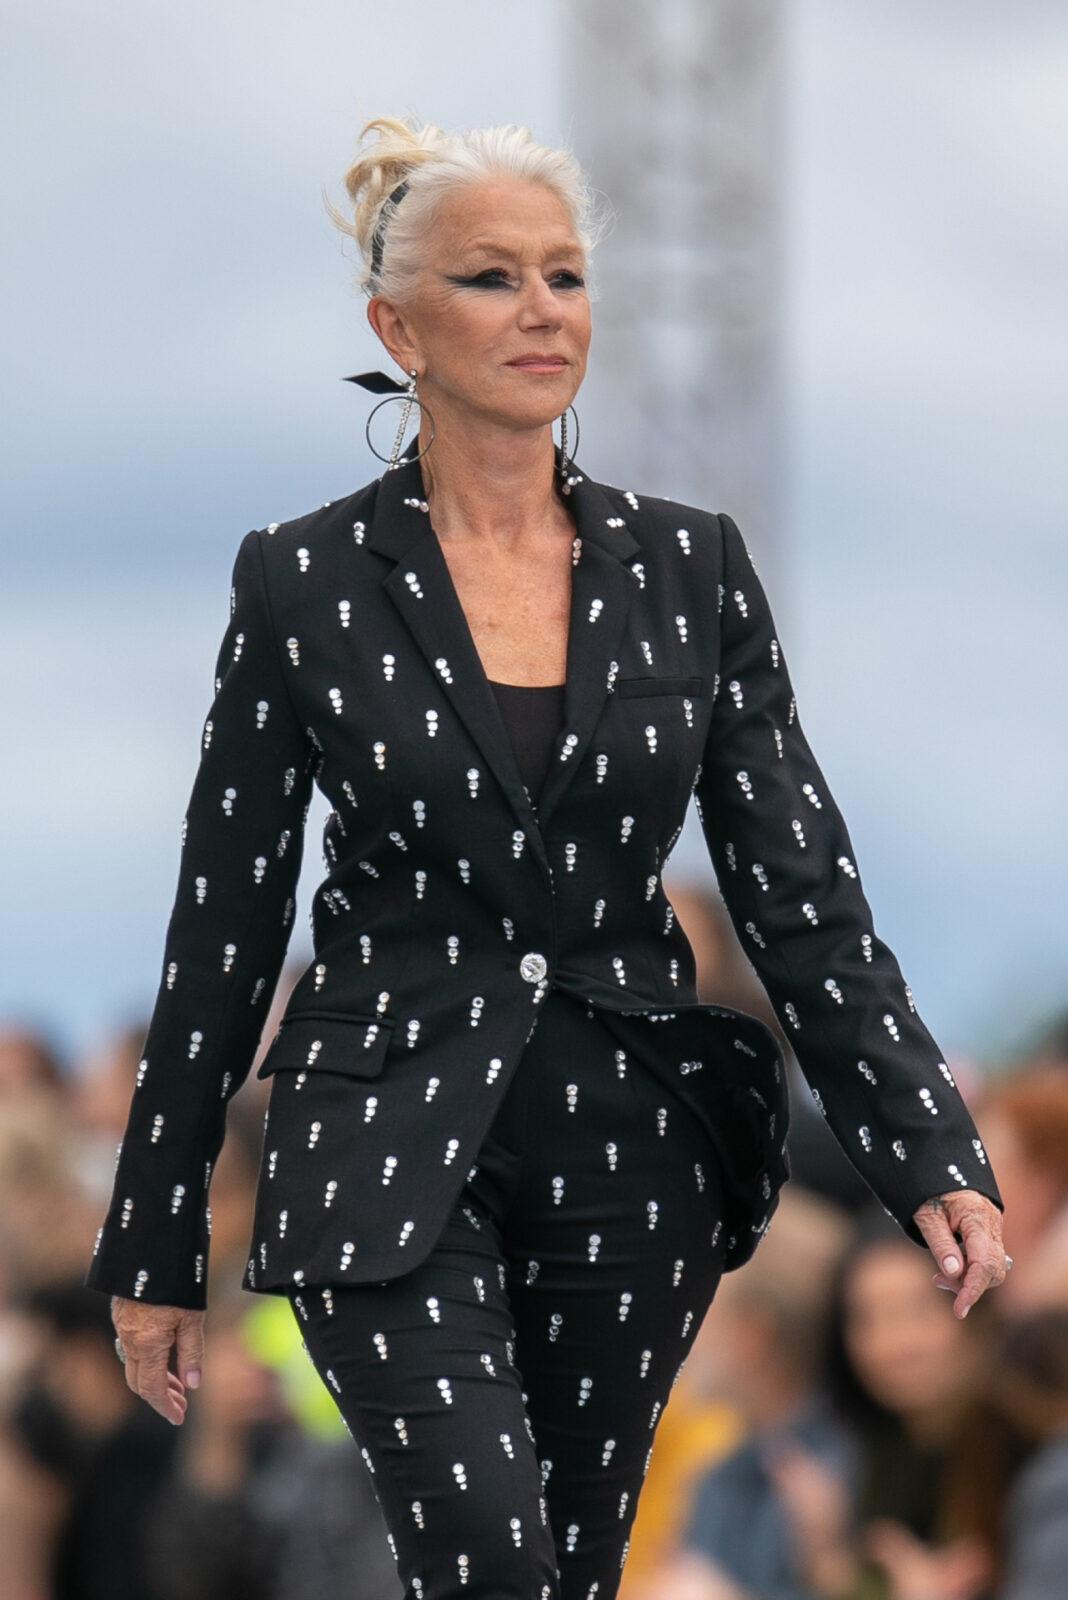 Helen Mirren on the runway for Loreal Paris, Paris Fashion Week